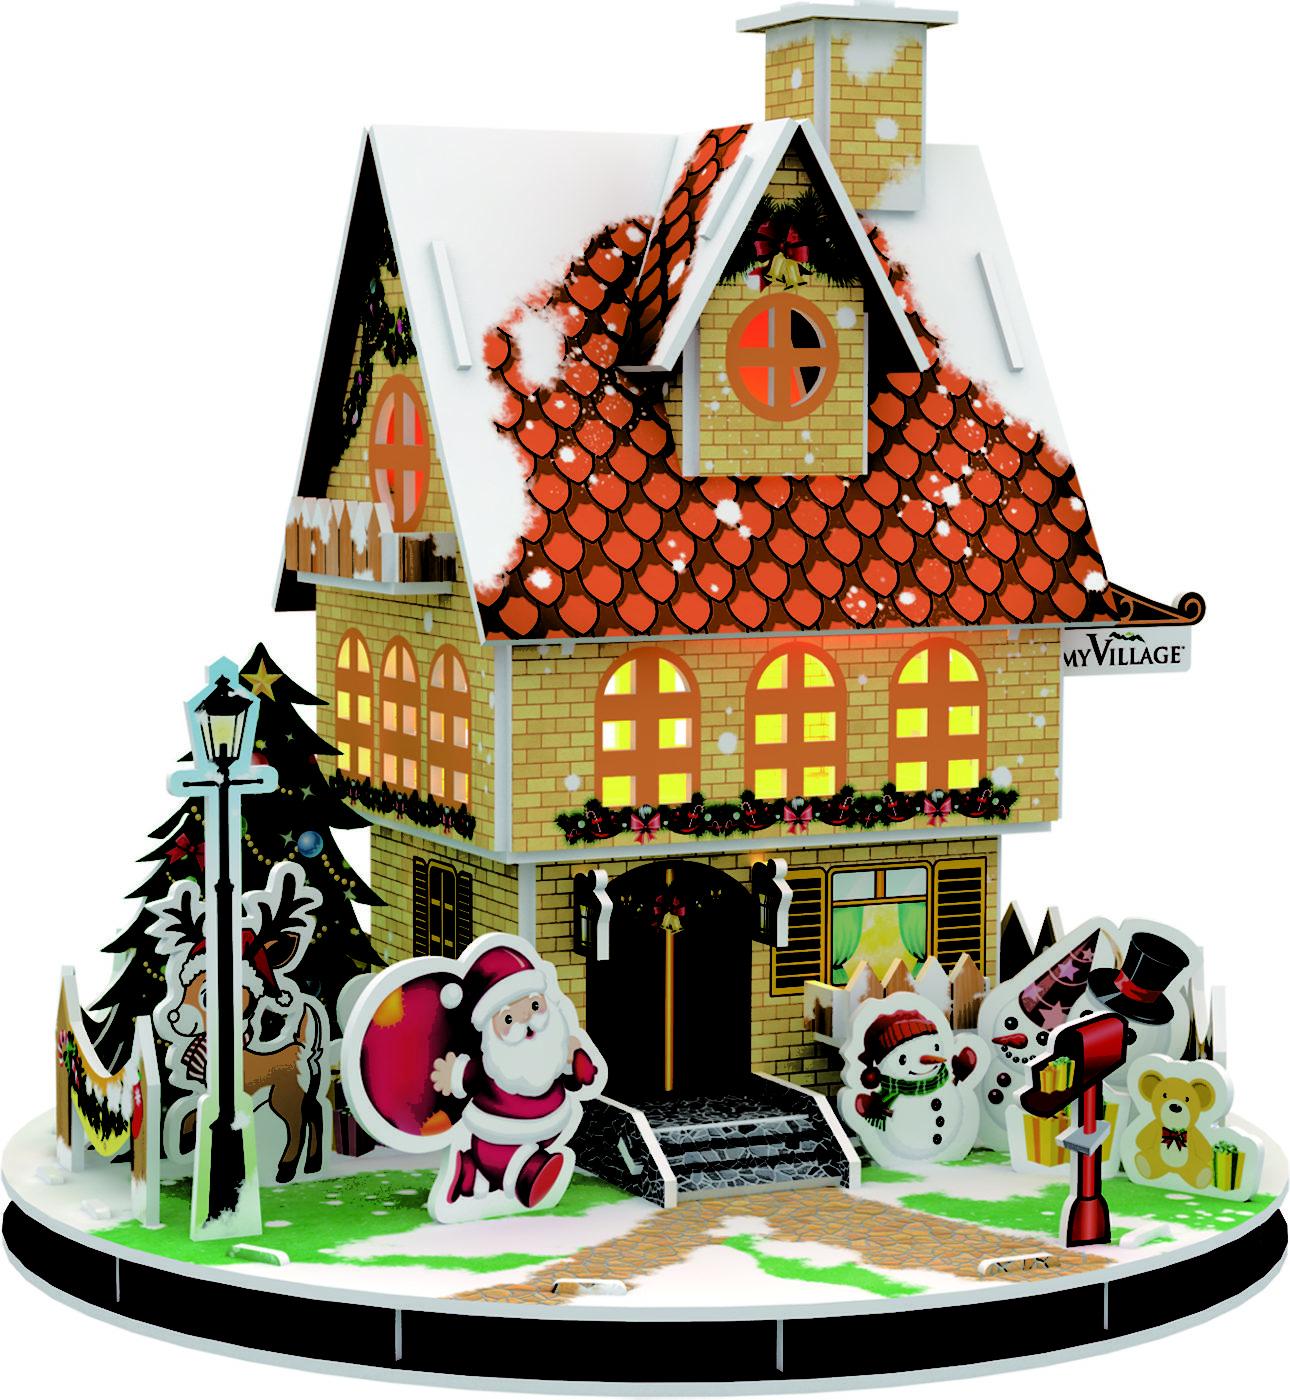 MYPZ01 - 3D-PUZZLE-CHRISTMAS-HOUSE